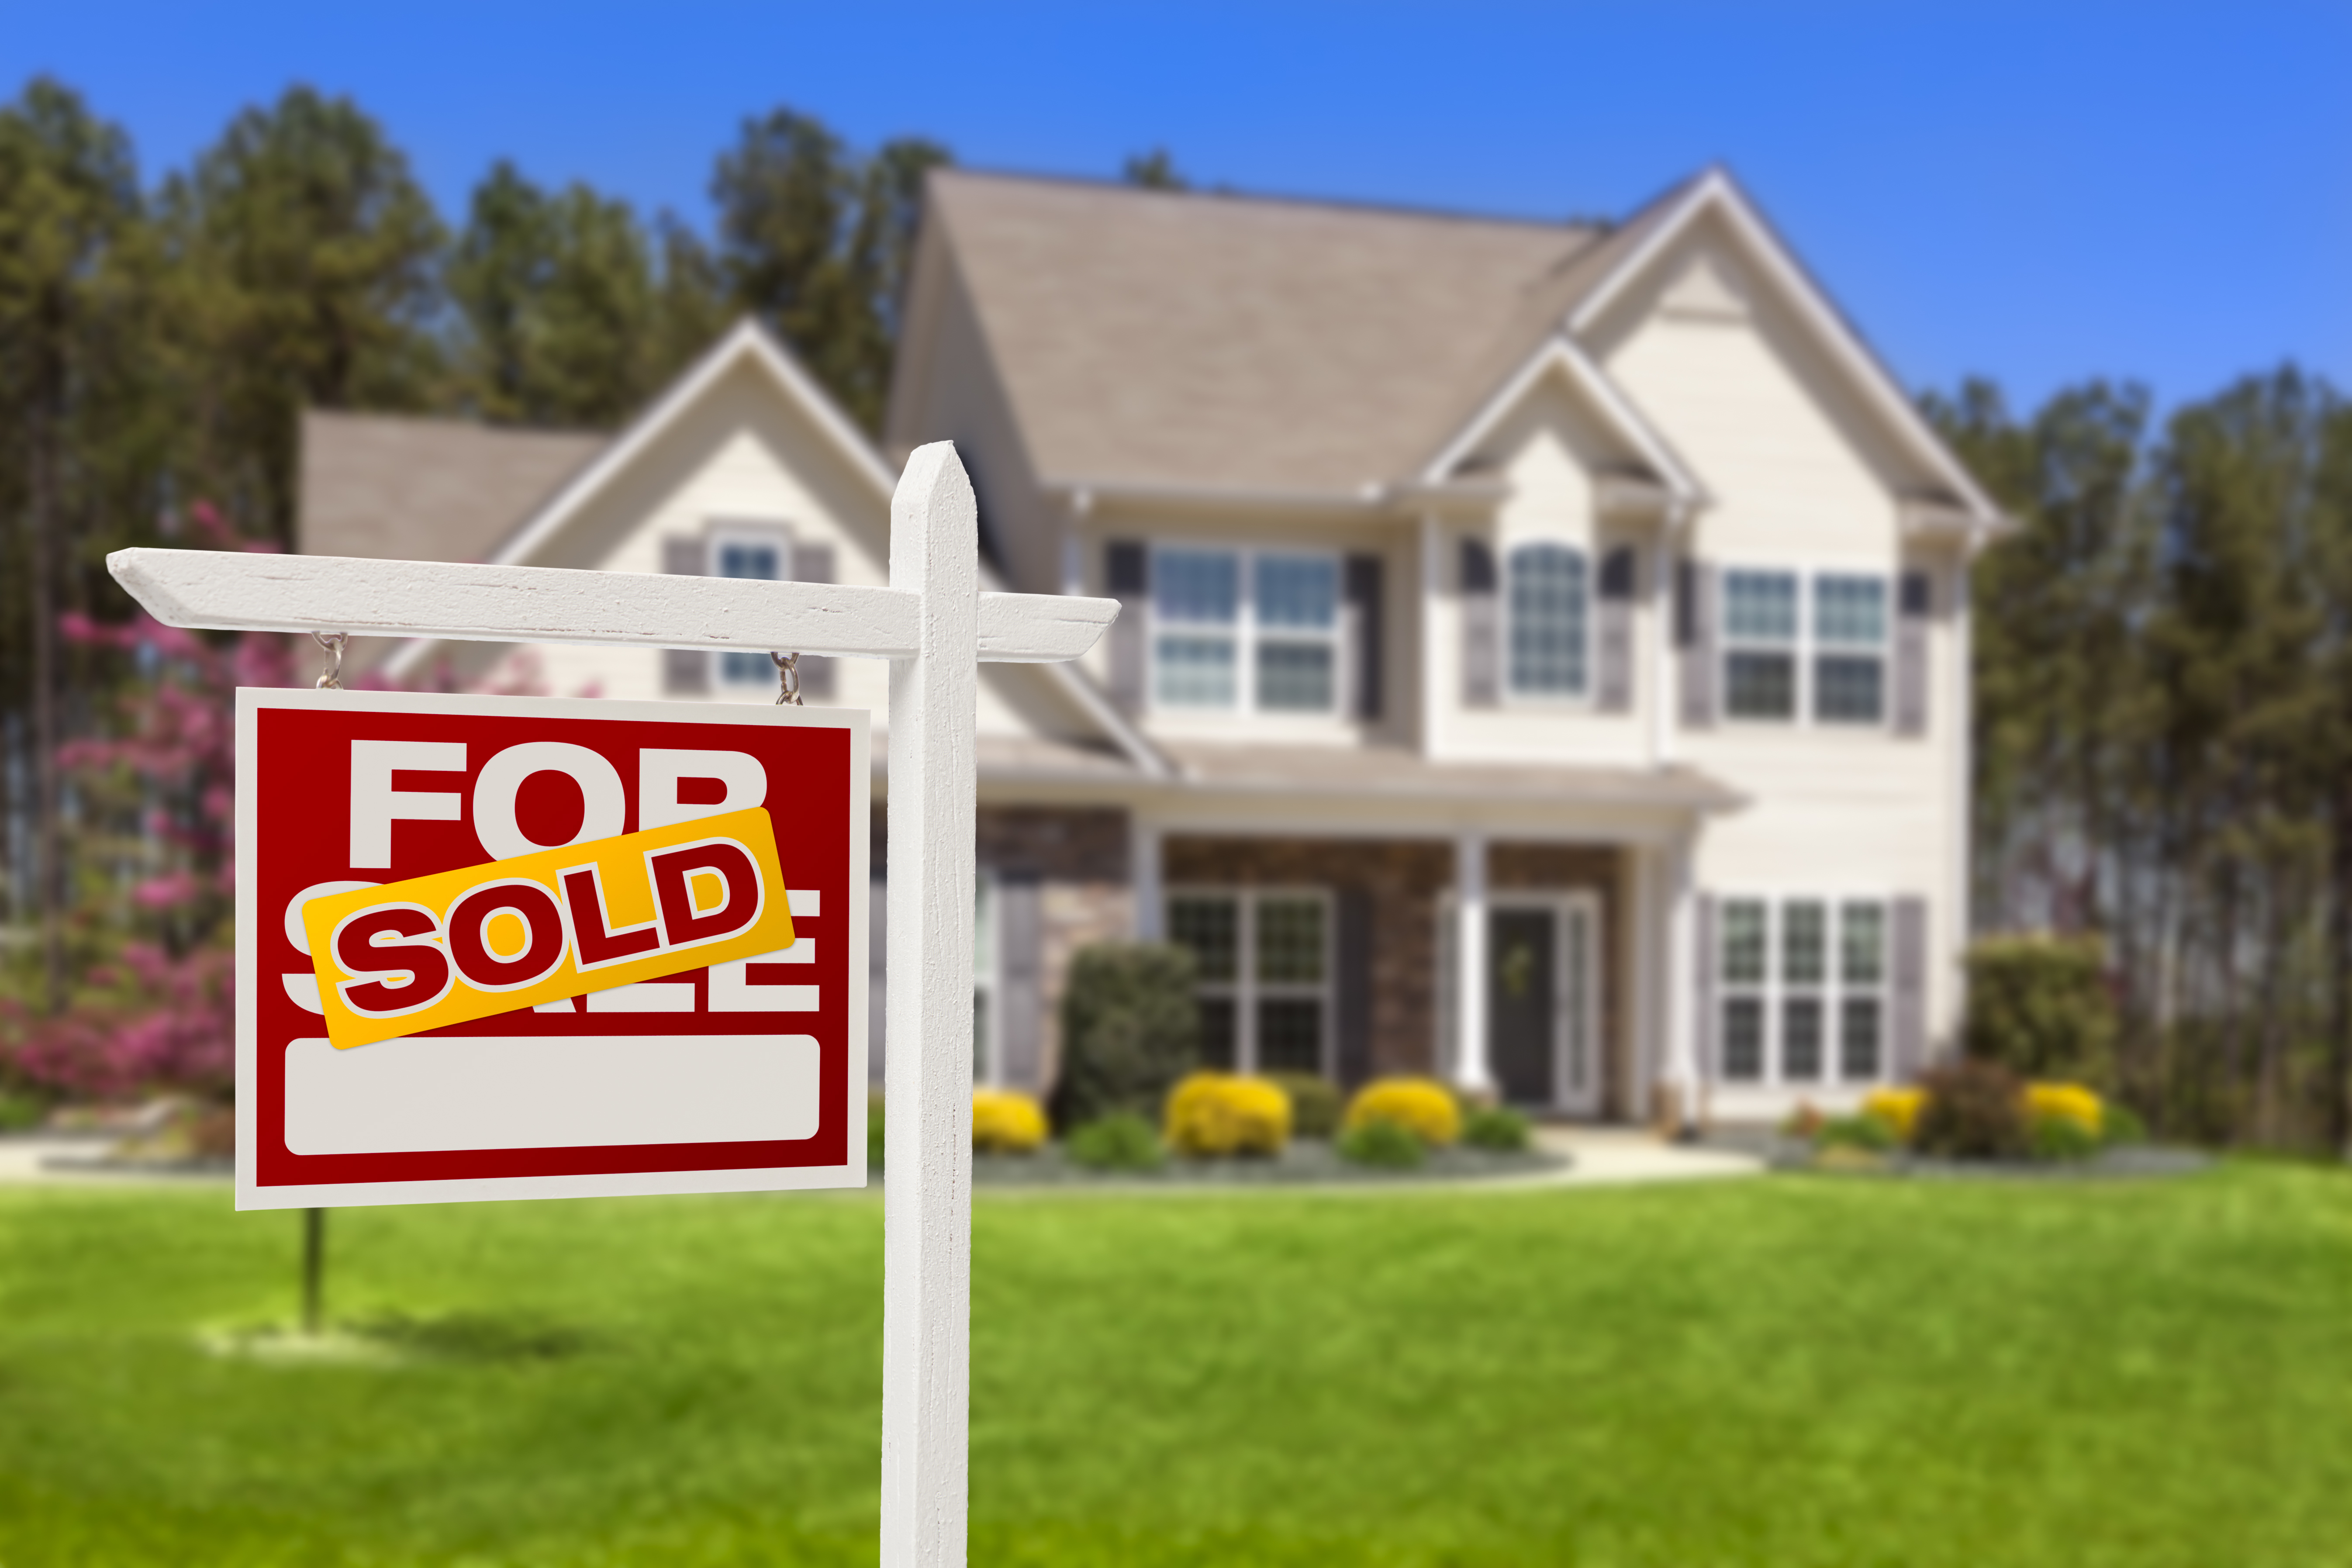 Homes For Sale in Ogden, Utah